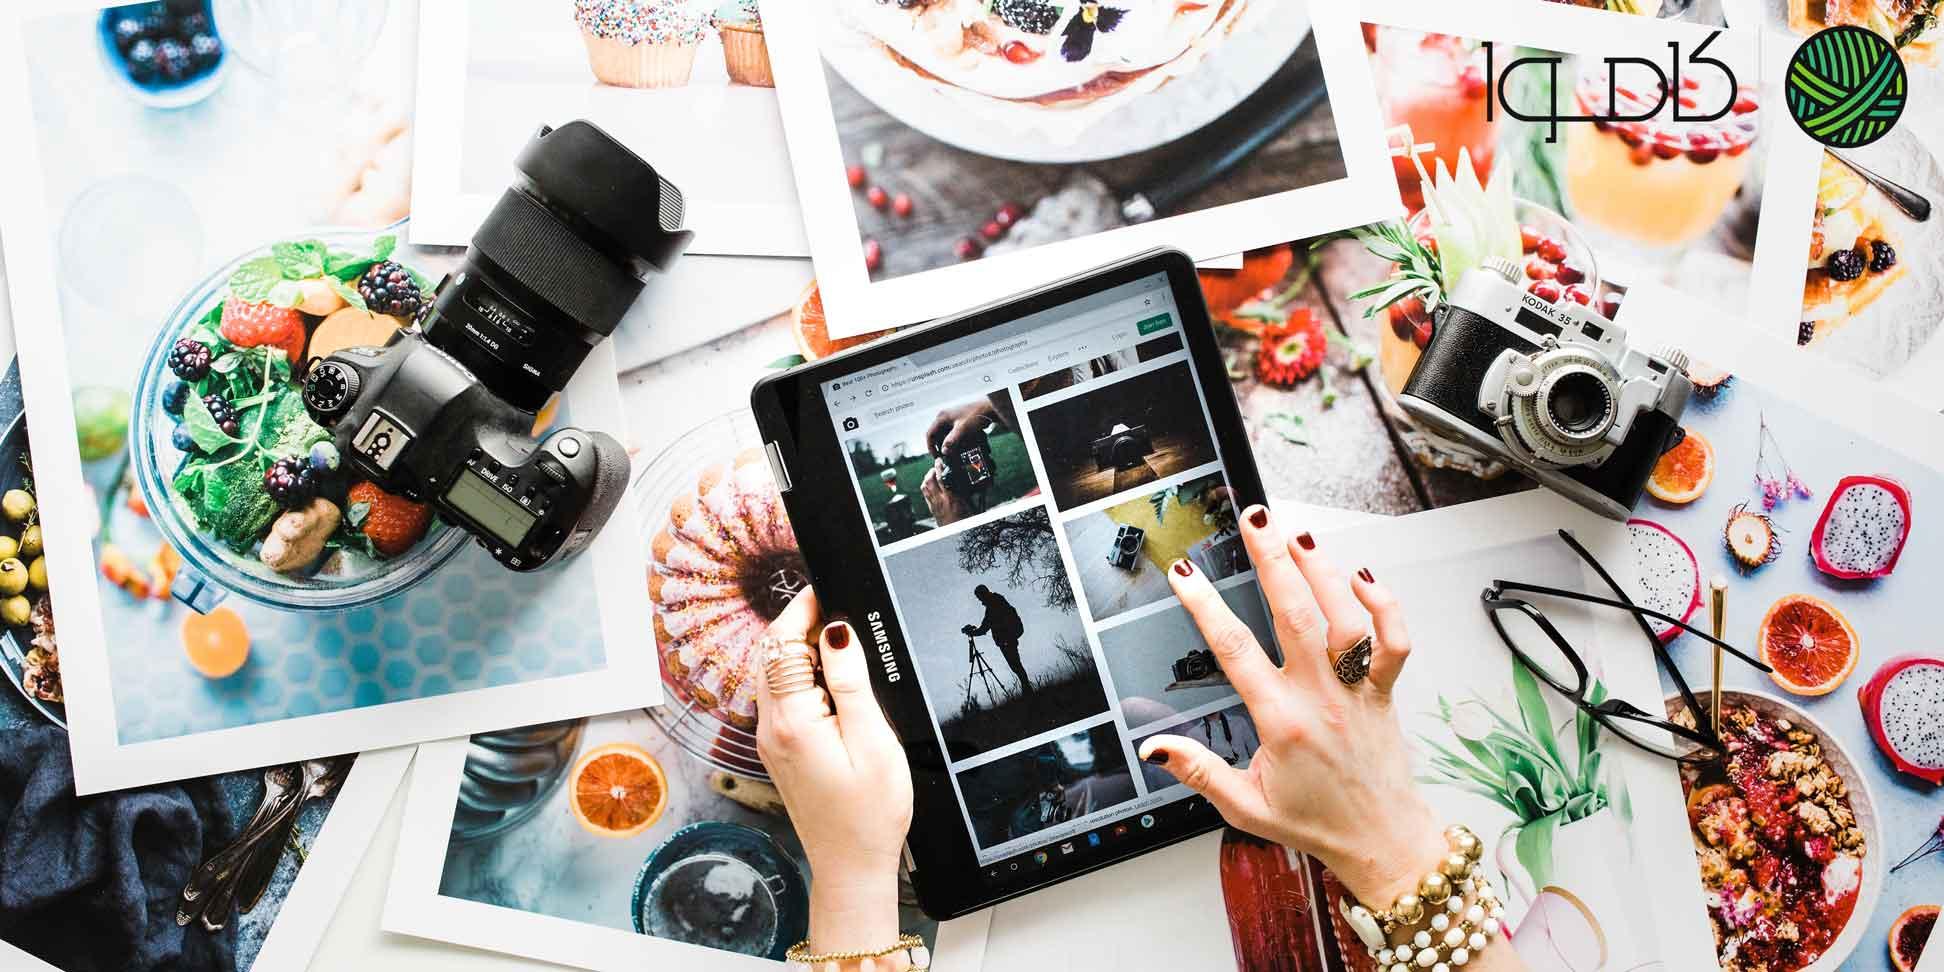 انتخاب عکس های مناسب برای وبسایت و فروشگاه